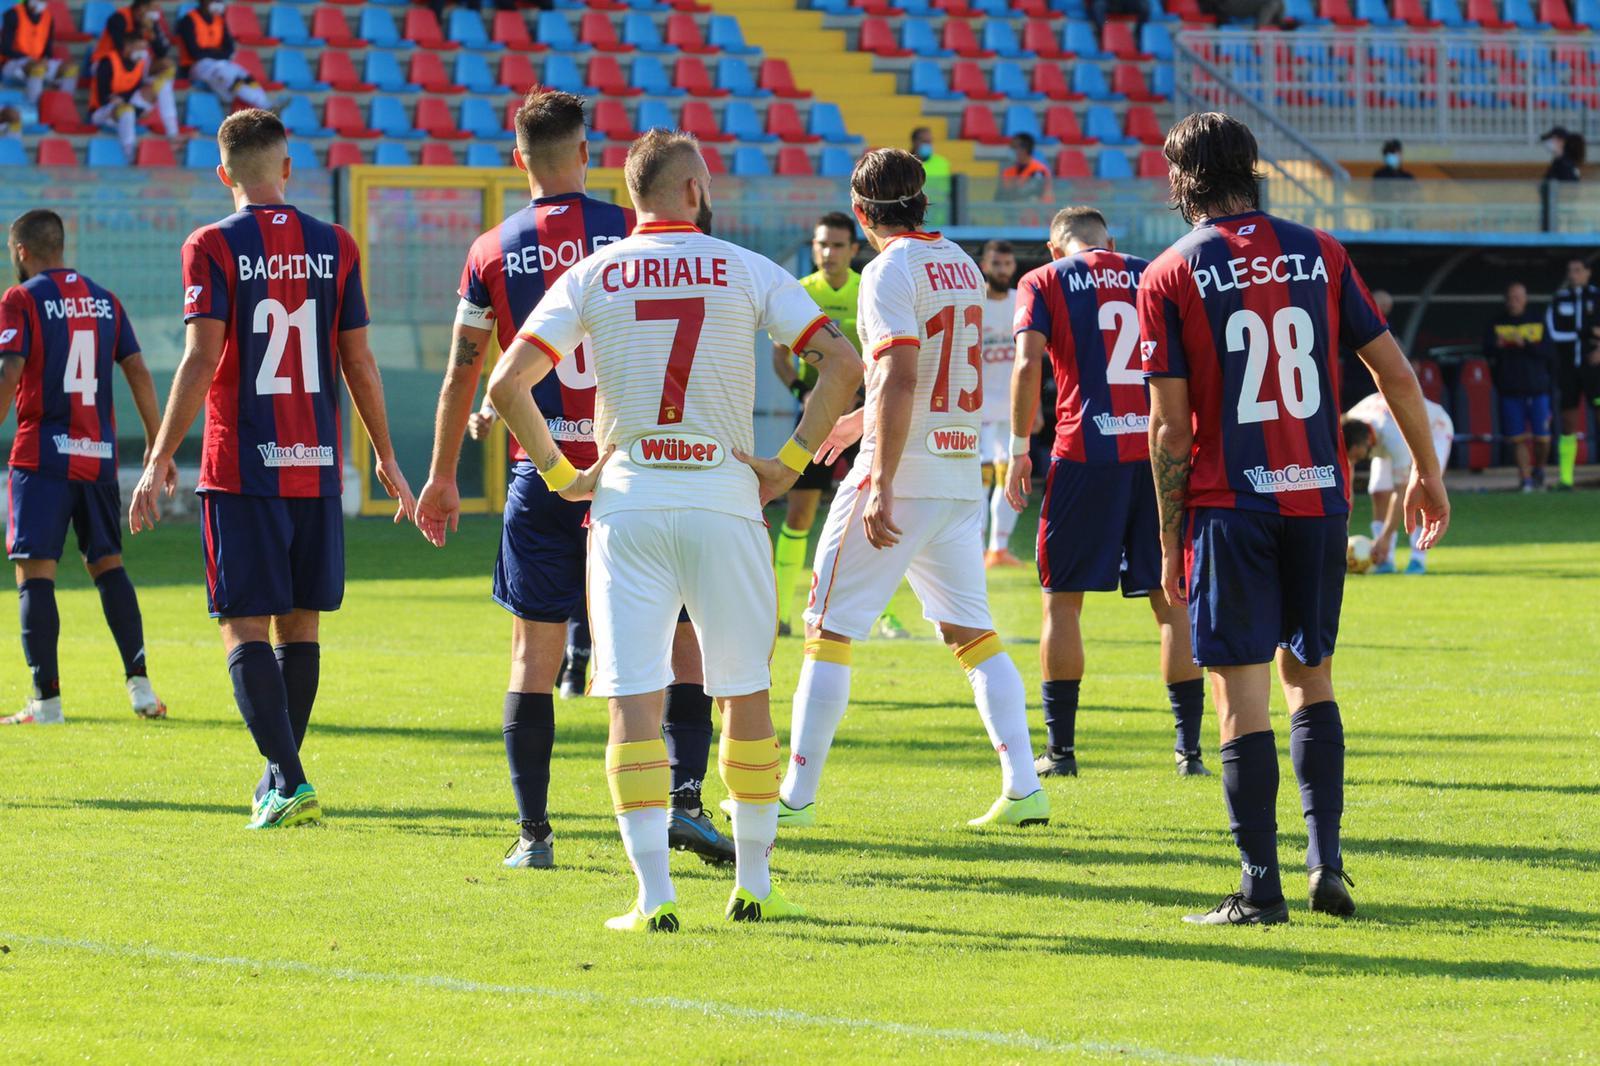 VIBONESE-CATANZARO 0-0 | Il tabellino del match immagine 16249 US Vibonese Calcio